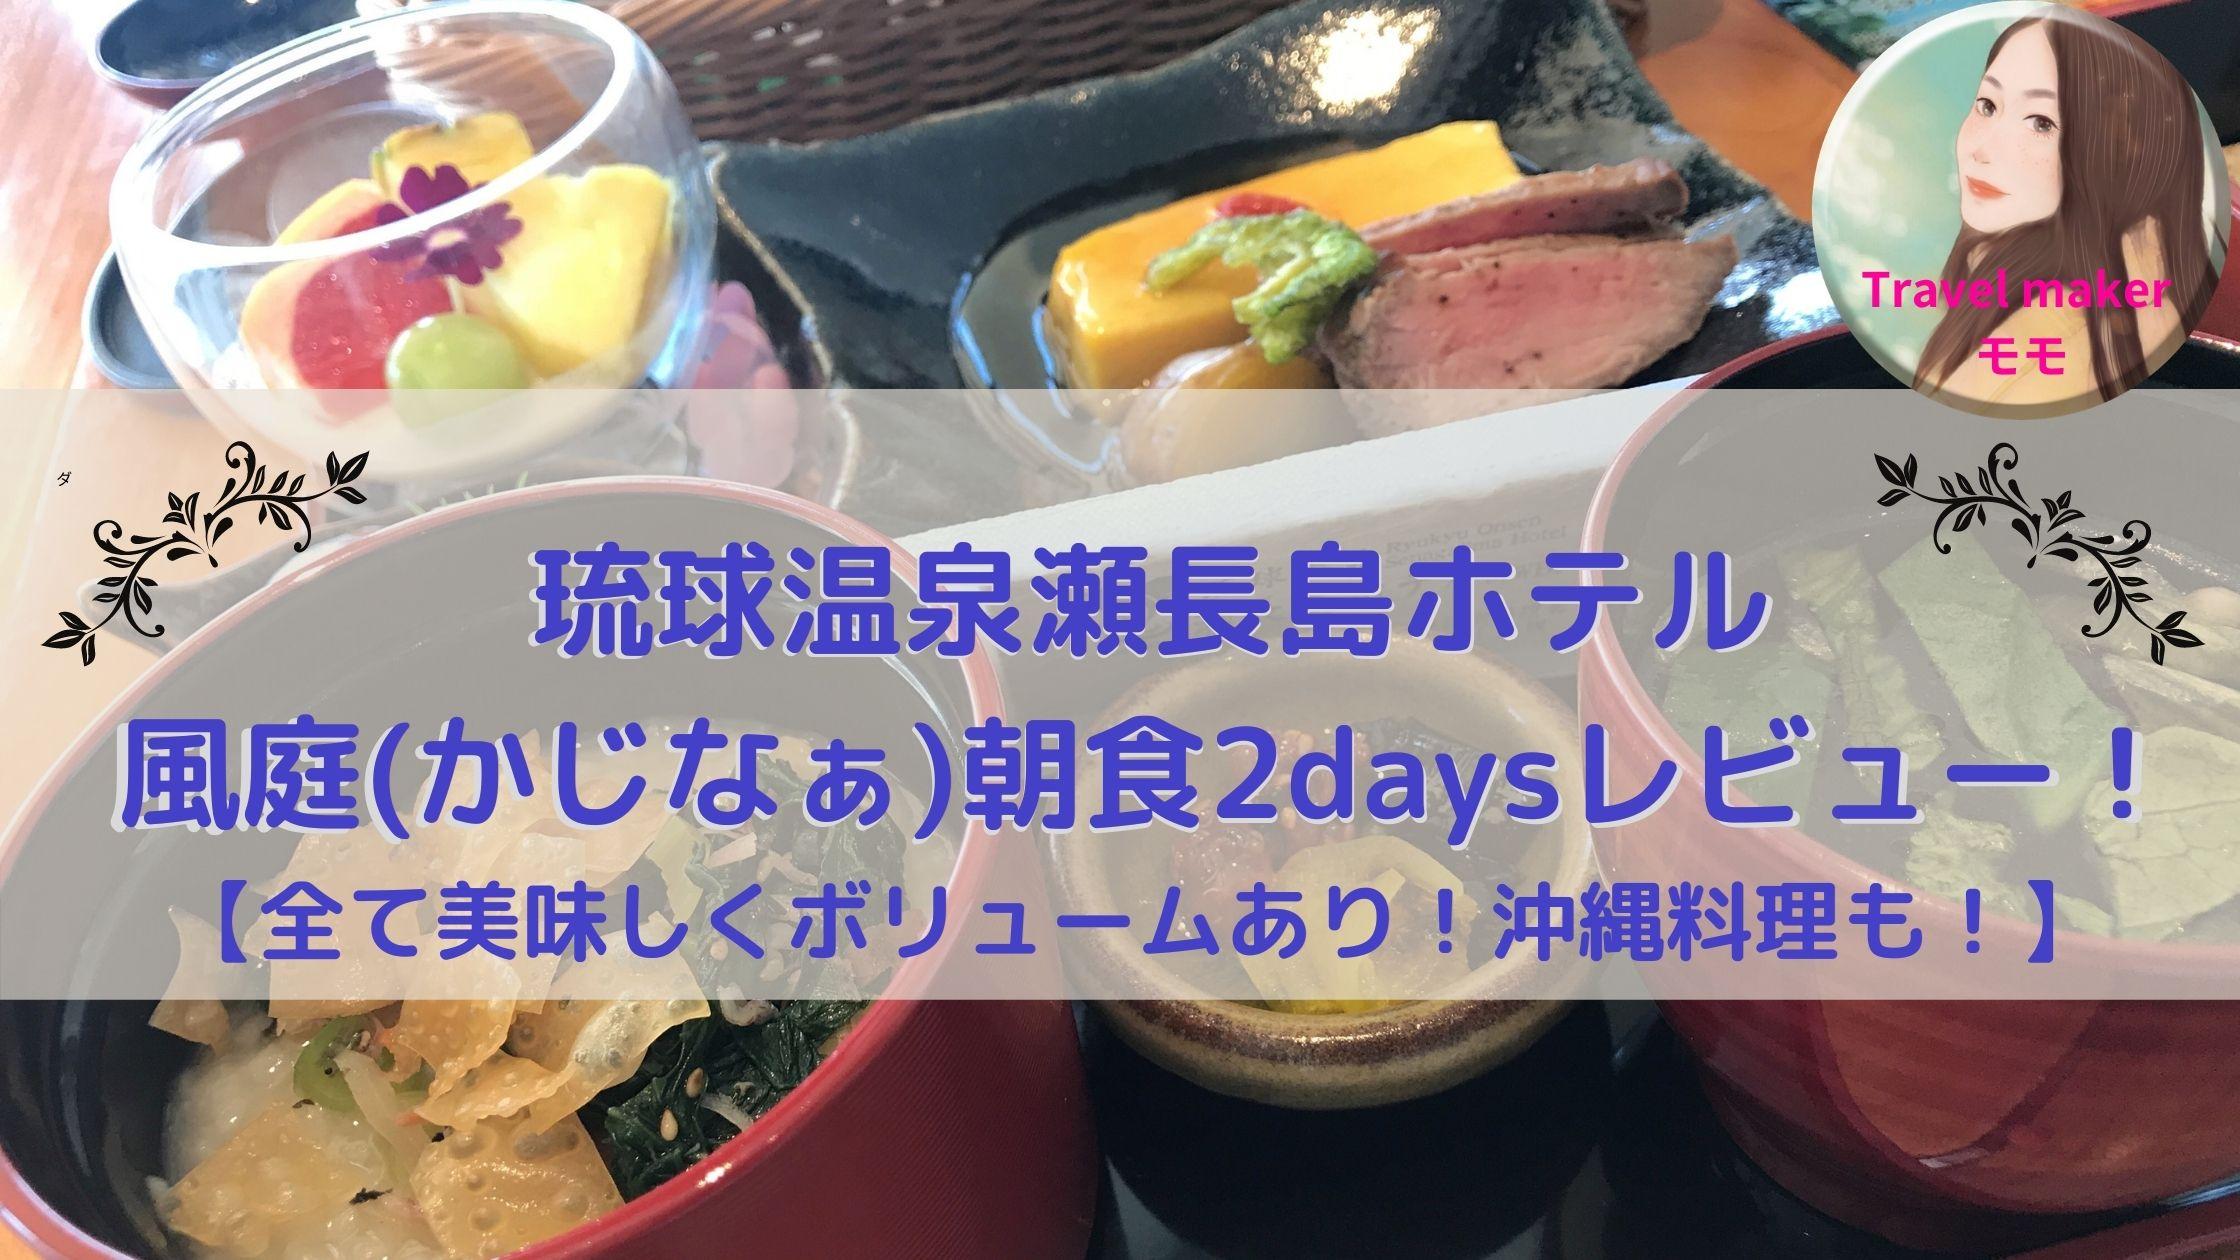 瀬長島ホテル レストラン ブログ